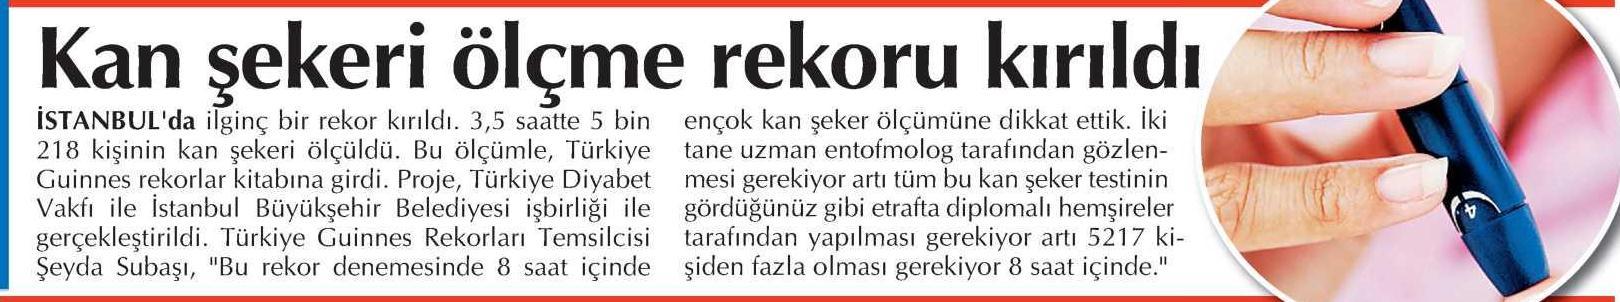 20.11.2012_milat_kan_sekeri